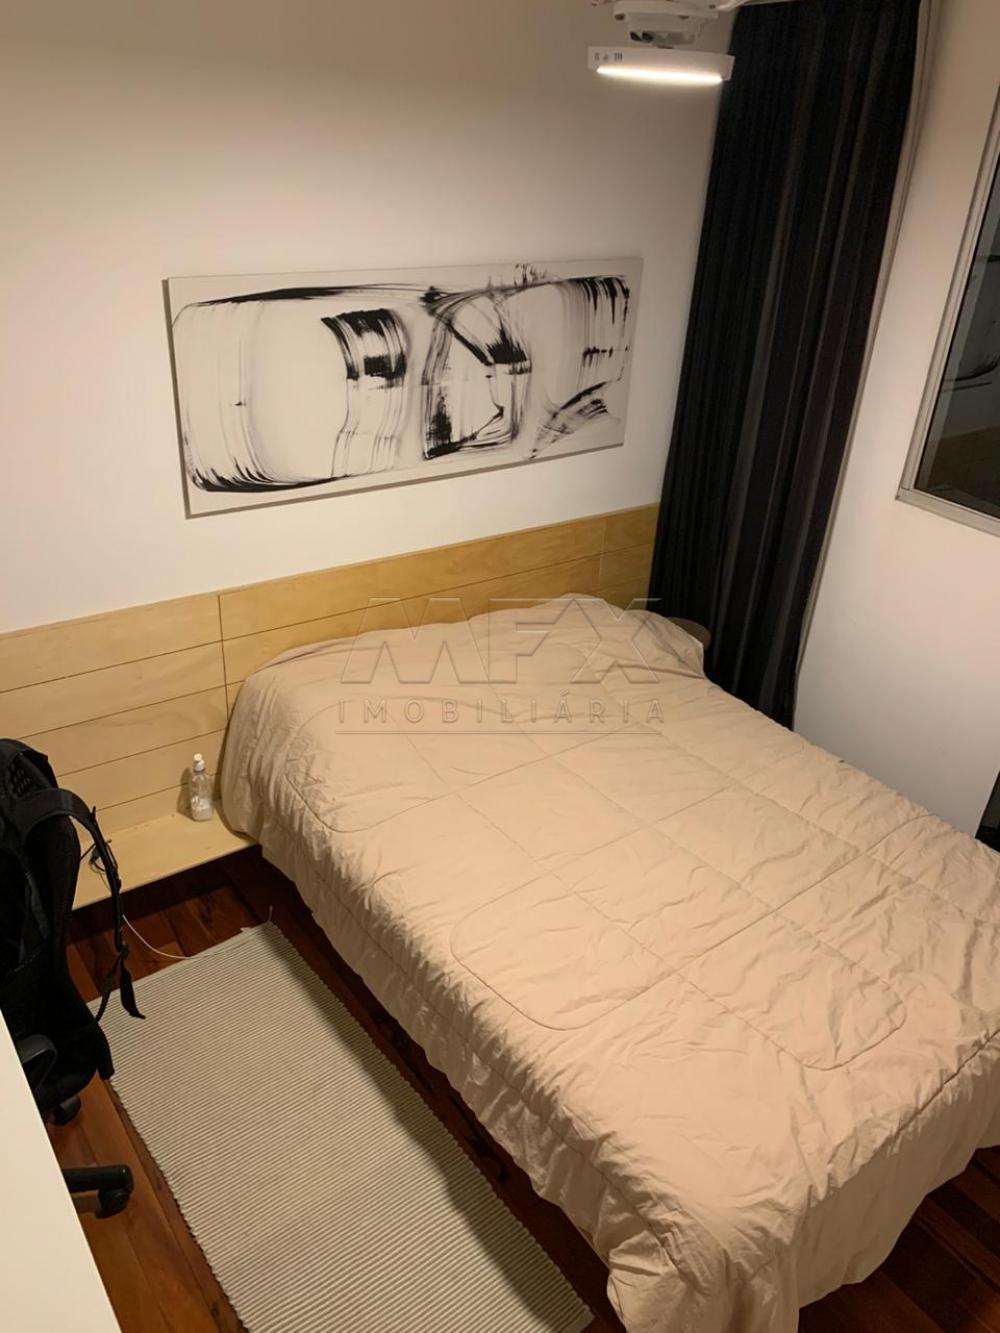 Comprar Apartamento / Padrão em Bauru apenas R$ 155.000,00 - Foto 4